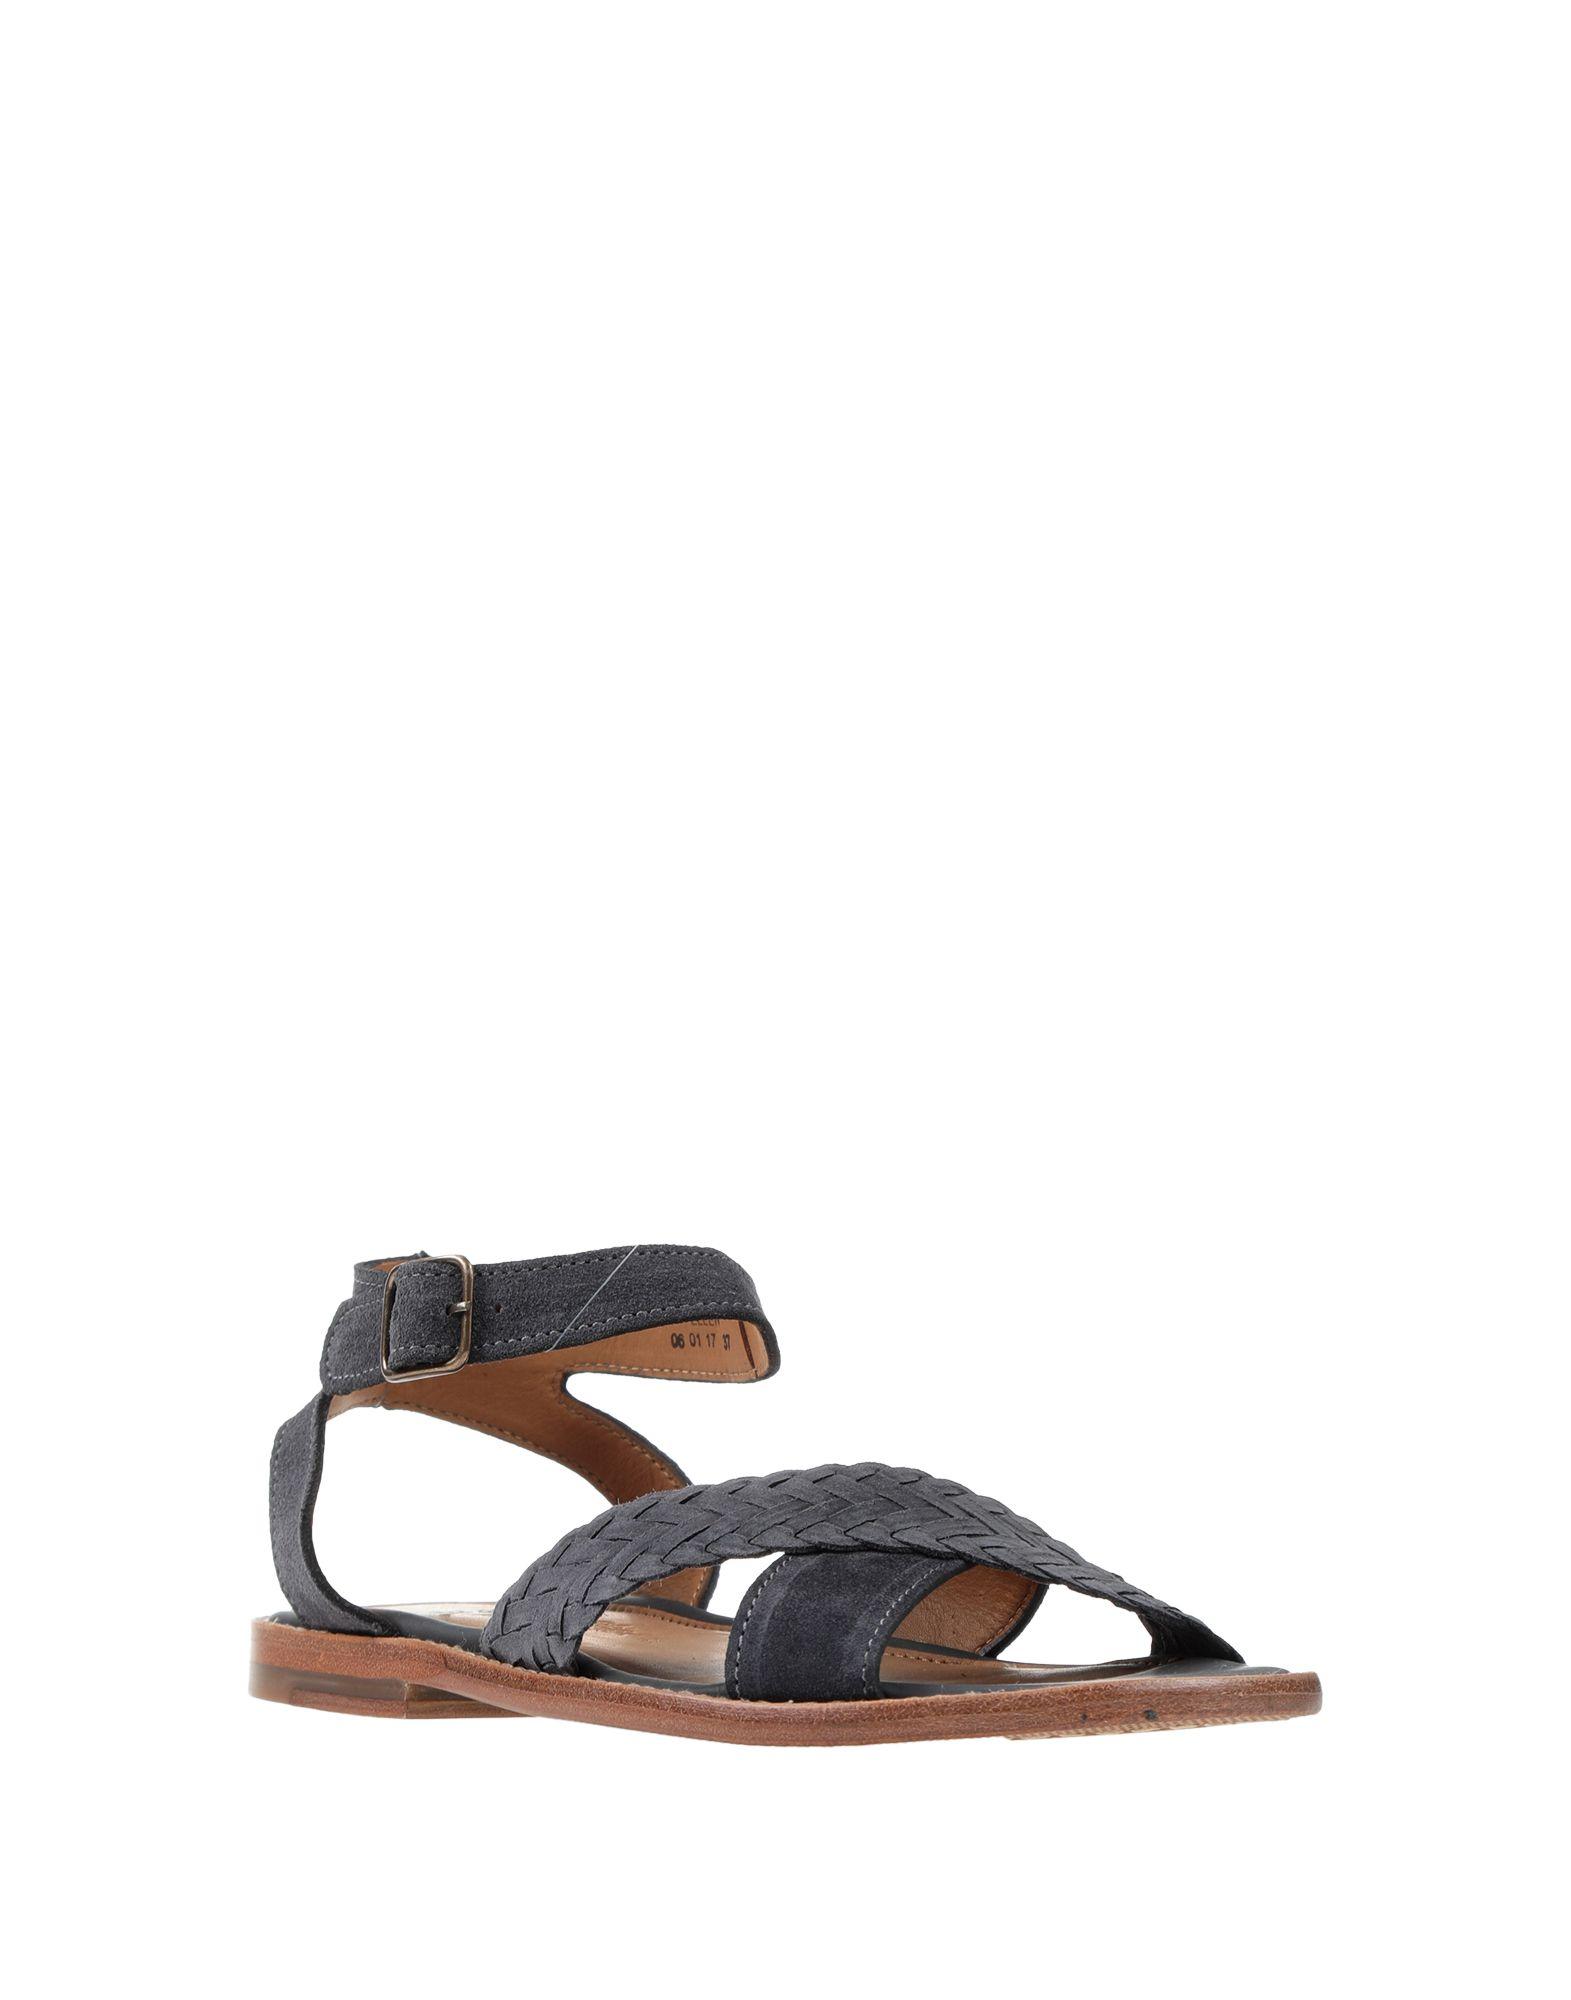 n.d.c. faite à la main des sandales - femmes femmes femmes n.d.c. faites à la main, des sandales en ligne sur canada - 11526507ds 35239d